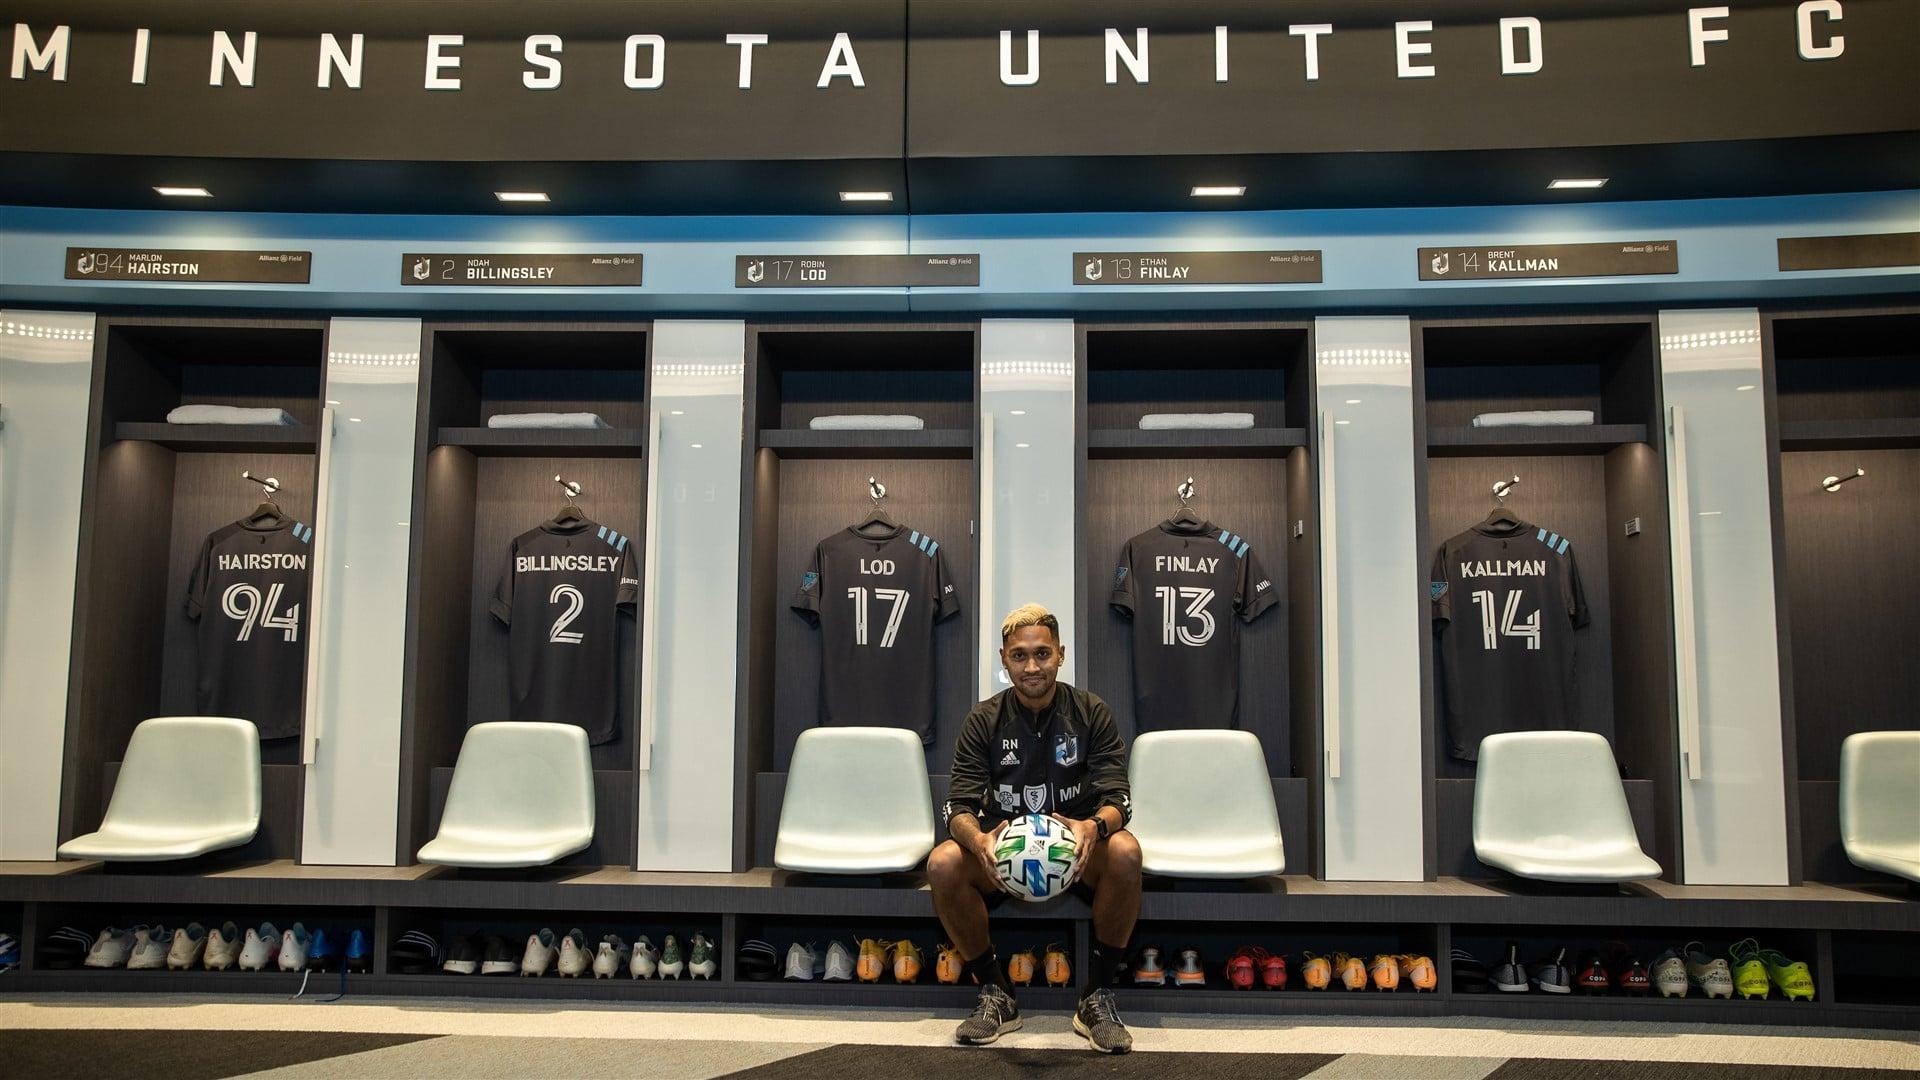 Ryan Natusch - Equipment Manager Minnesota United FC